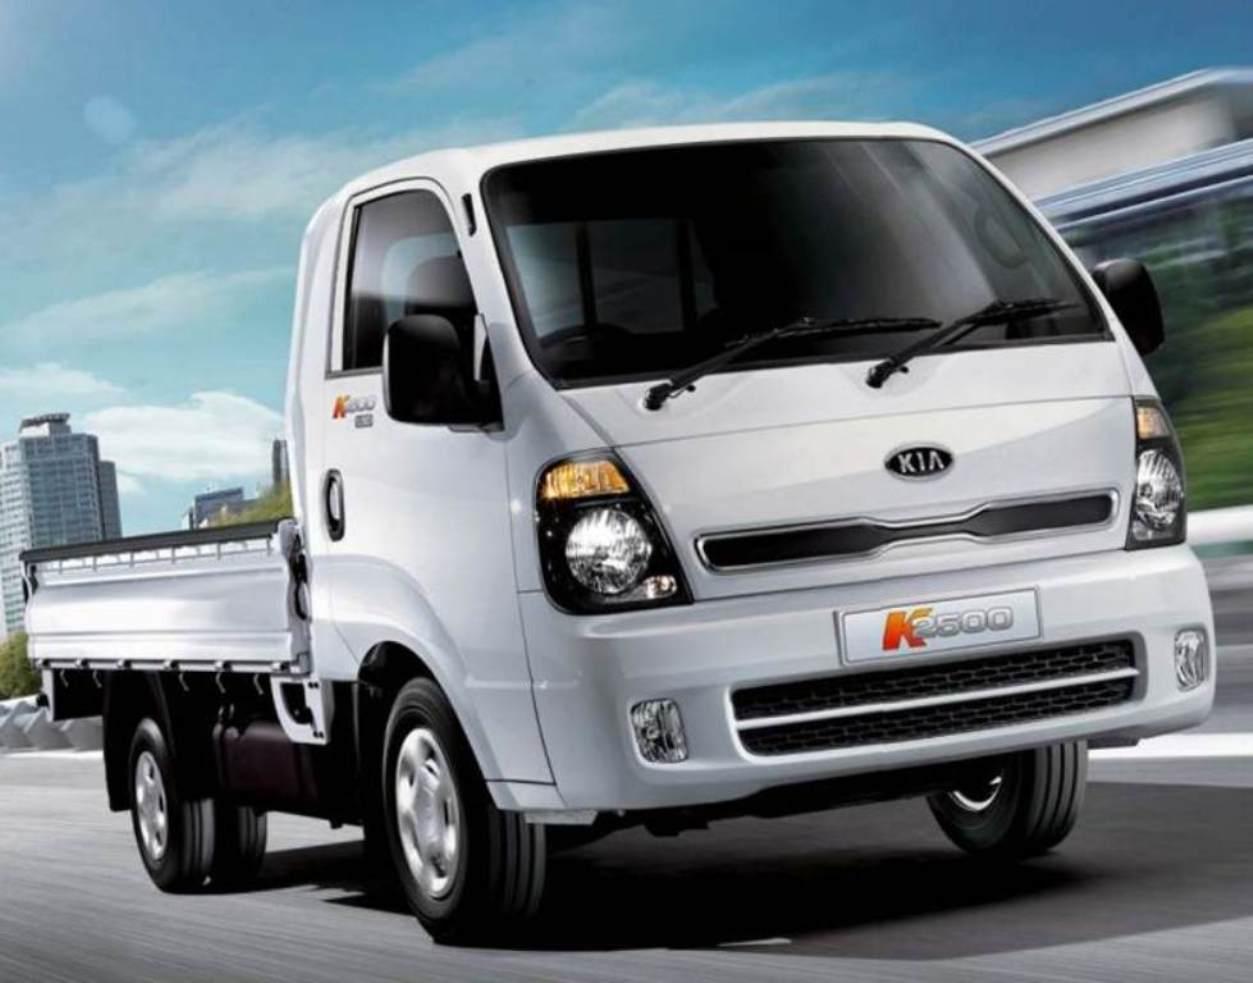 Kia K 2500: Camiones livianos   placervial.com